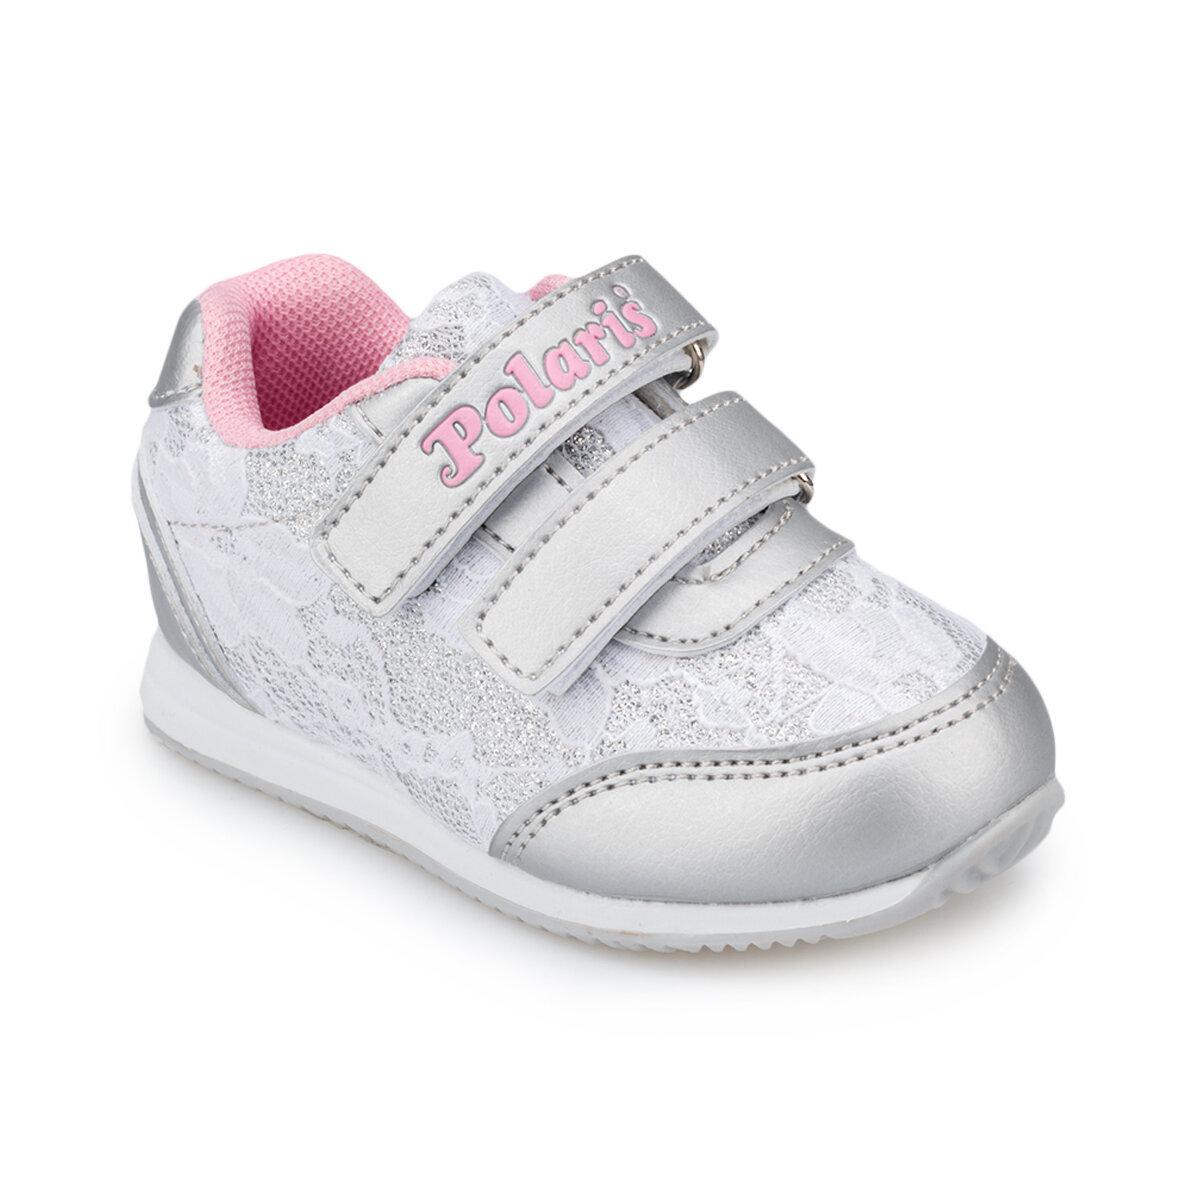 Gümüş Kız Çocuk Ayakkabı